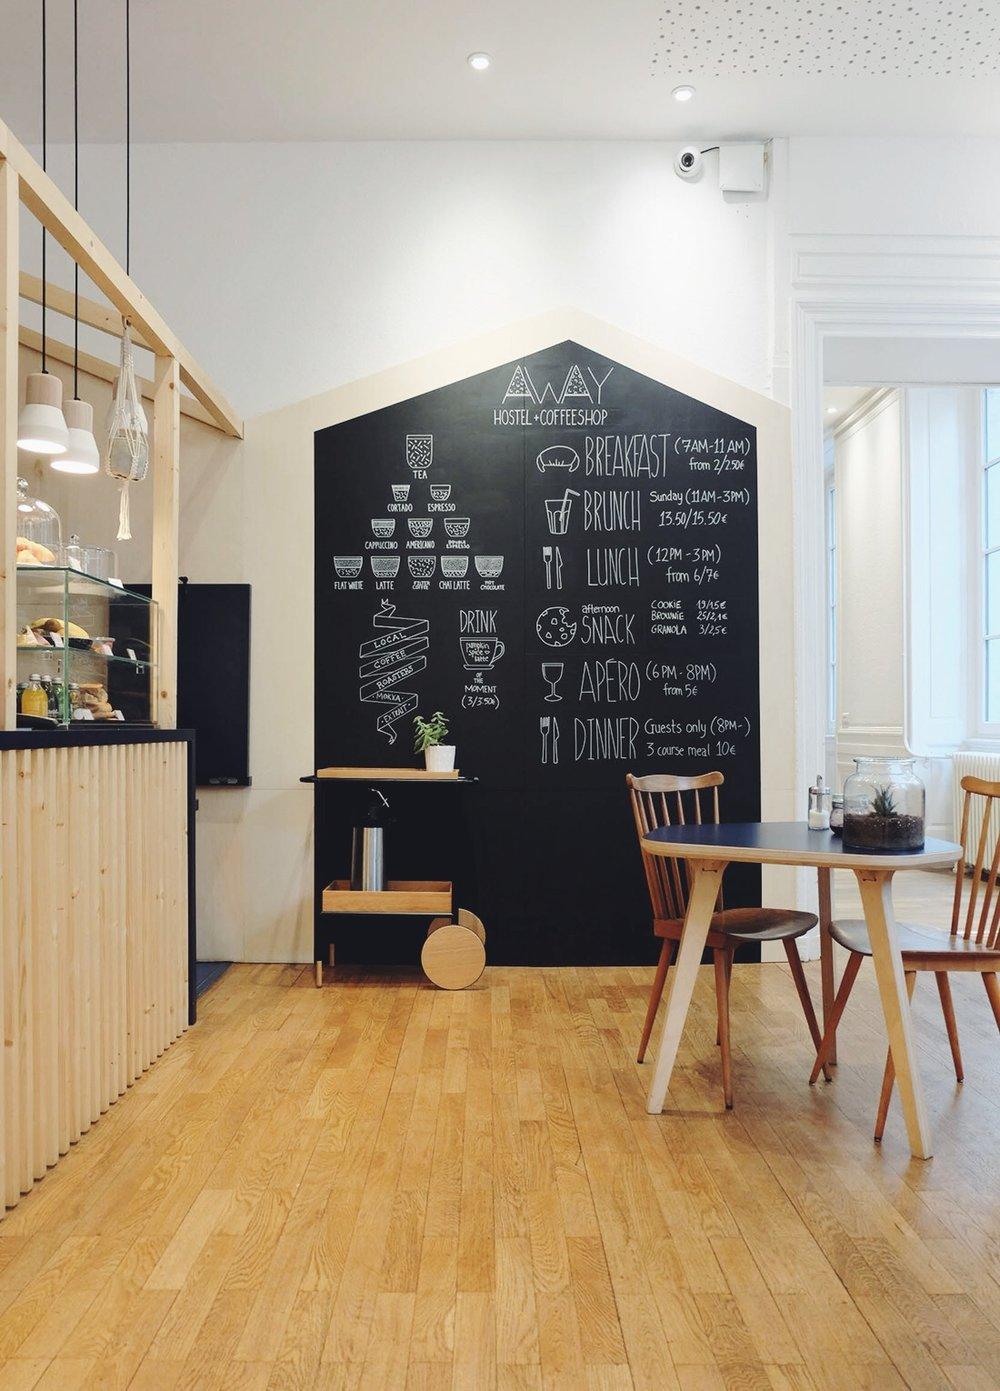 Away Hostel + Coffee Shop / www.lacrememagazine.com